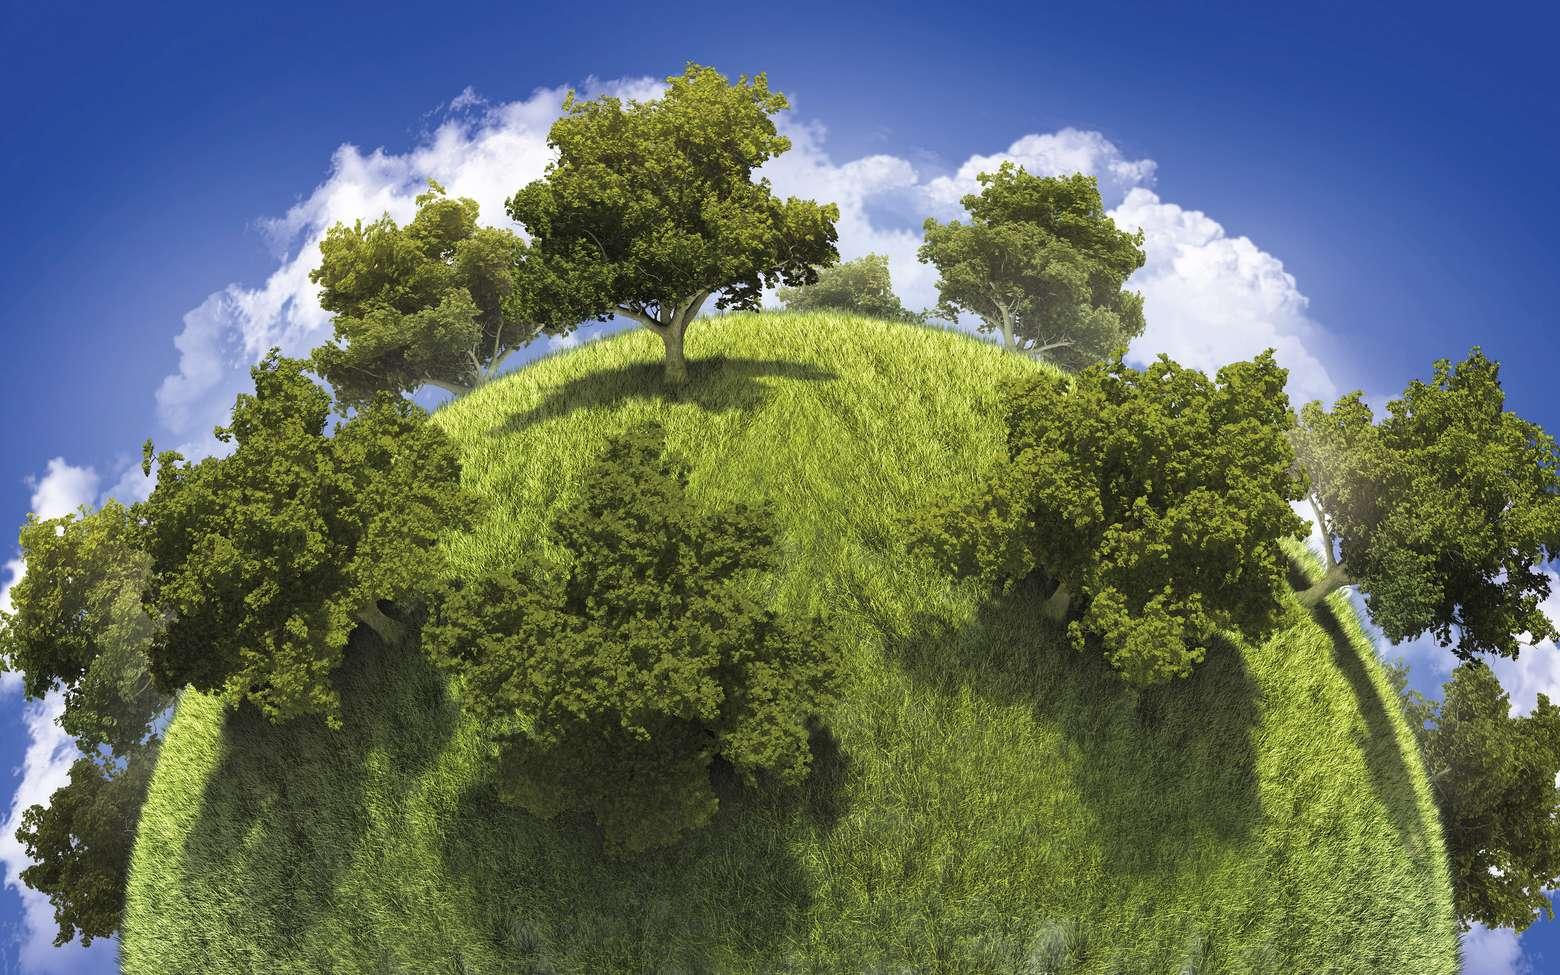 La Terre pourrait accueillir 1.000 milliards d'arbres supplémentaires. © kongvector, Fotolia